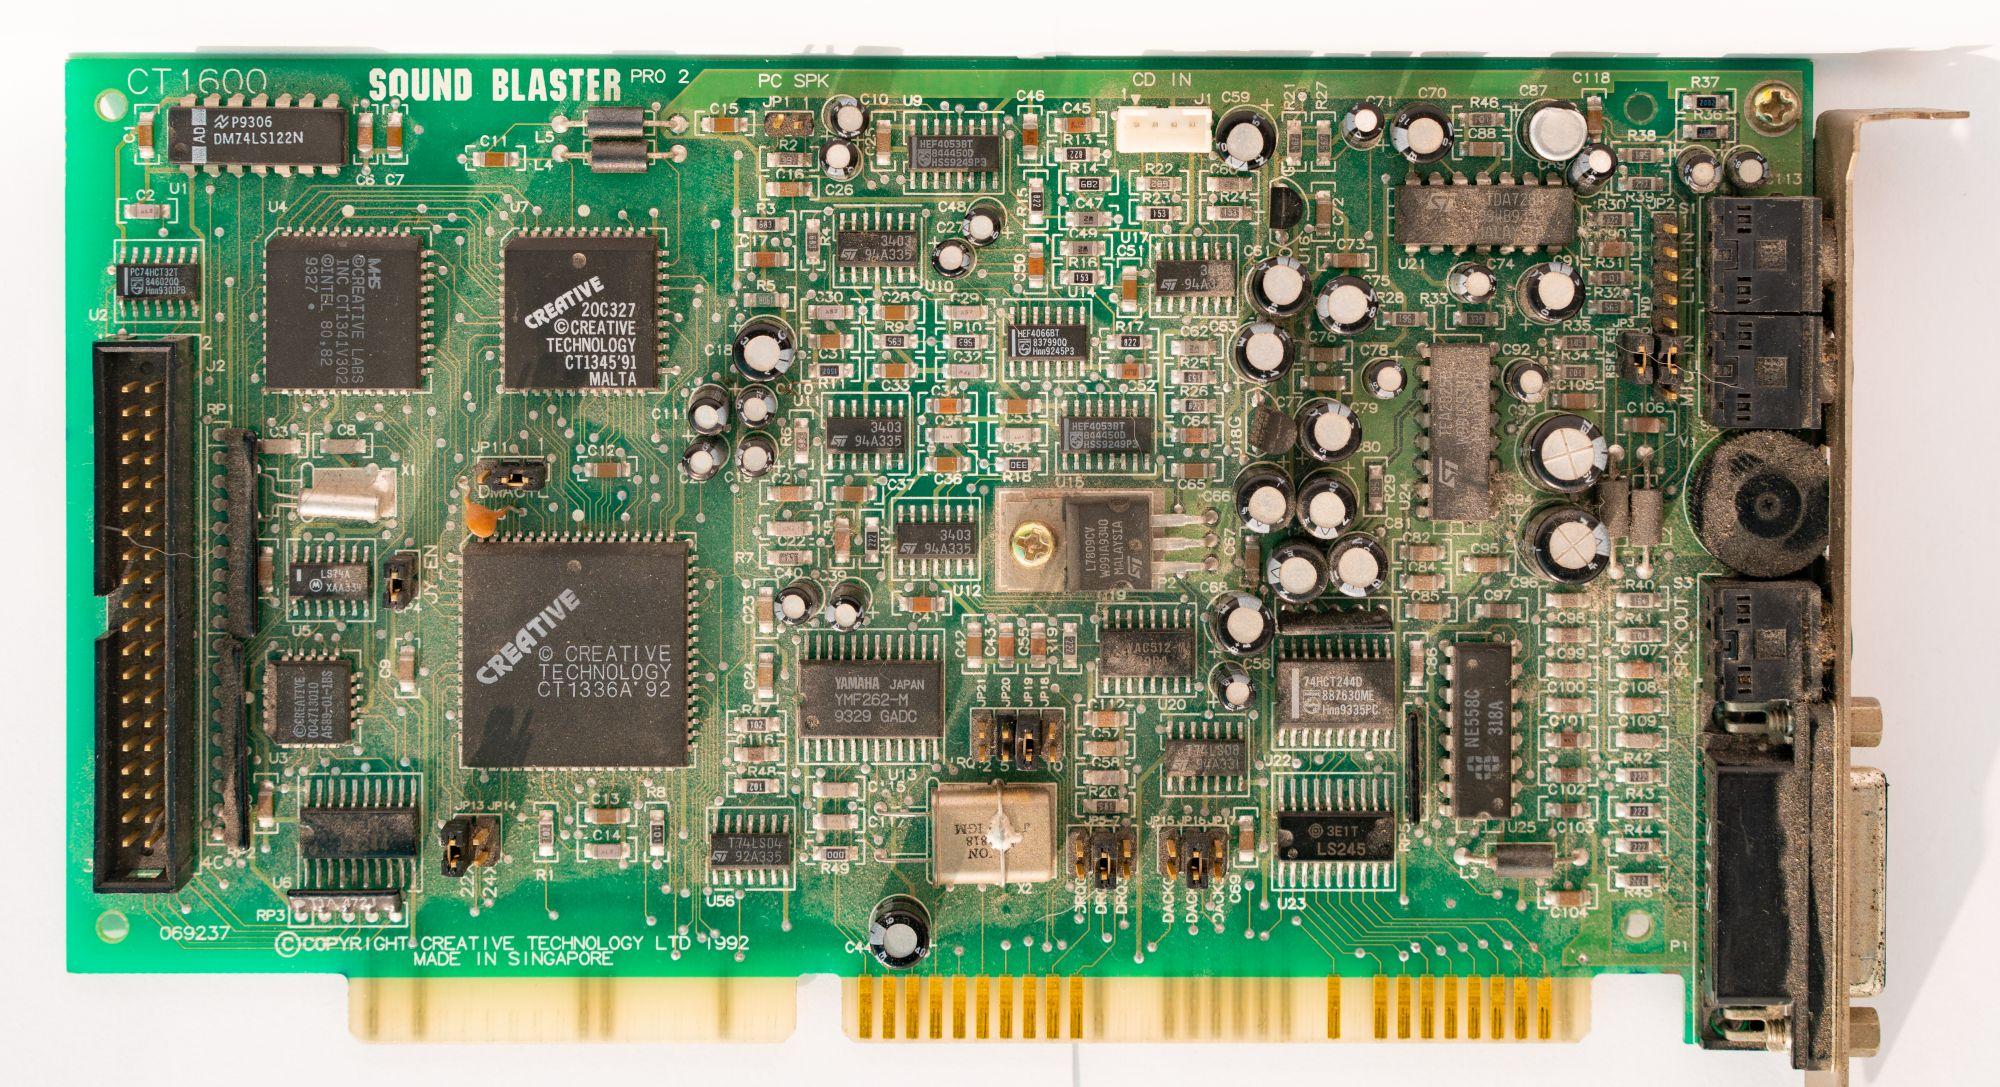 Древности: чем хуже, тем лучше или особенности Sound Blaster Pro 2 - 4